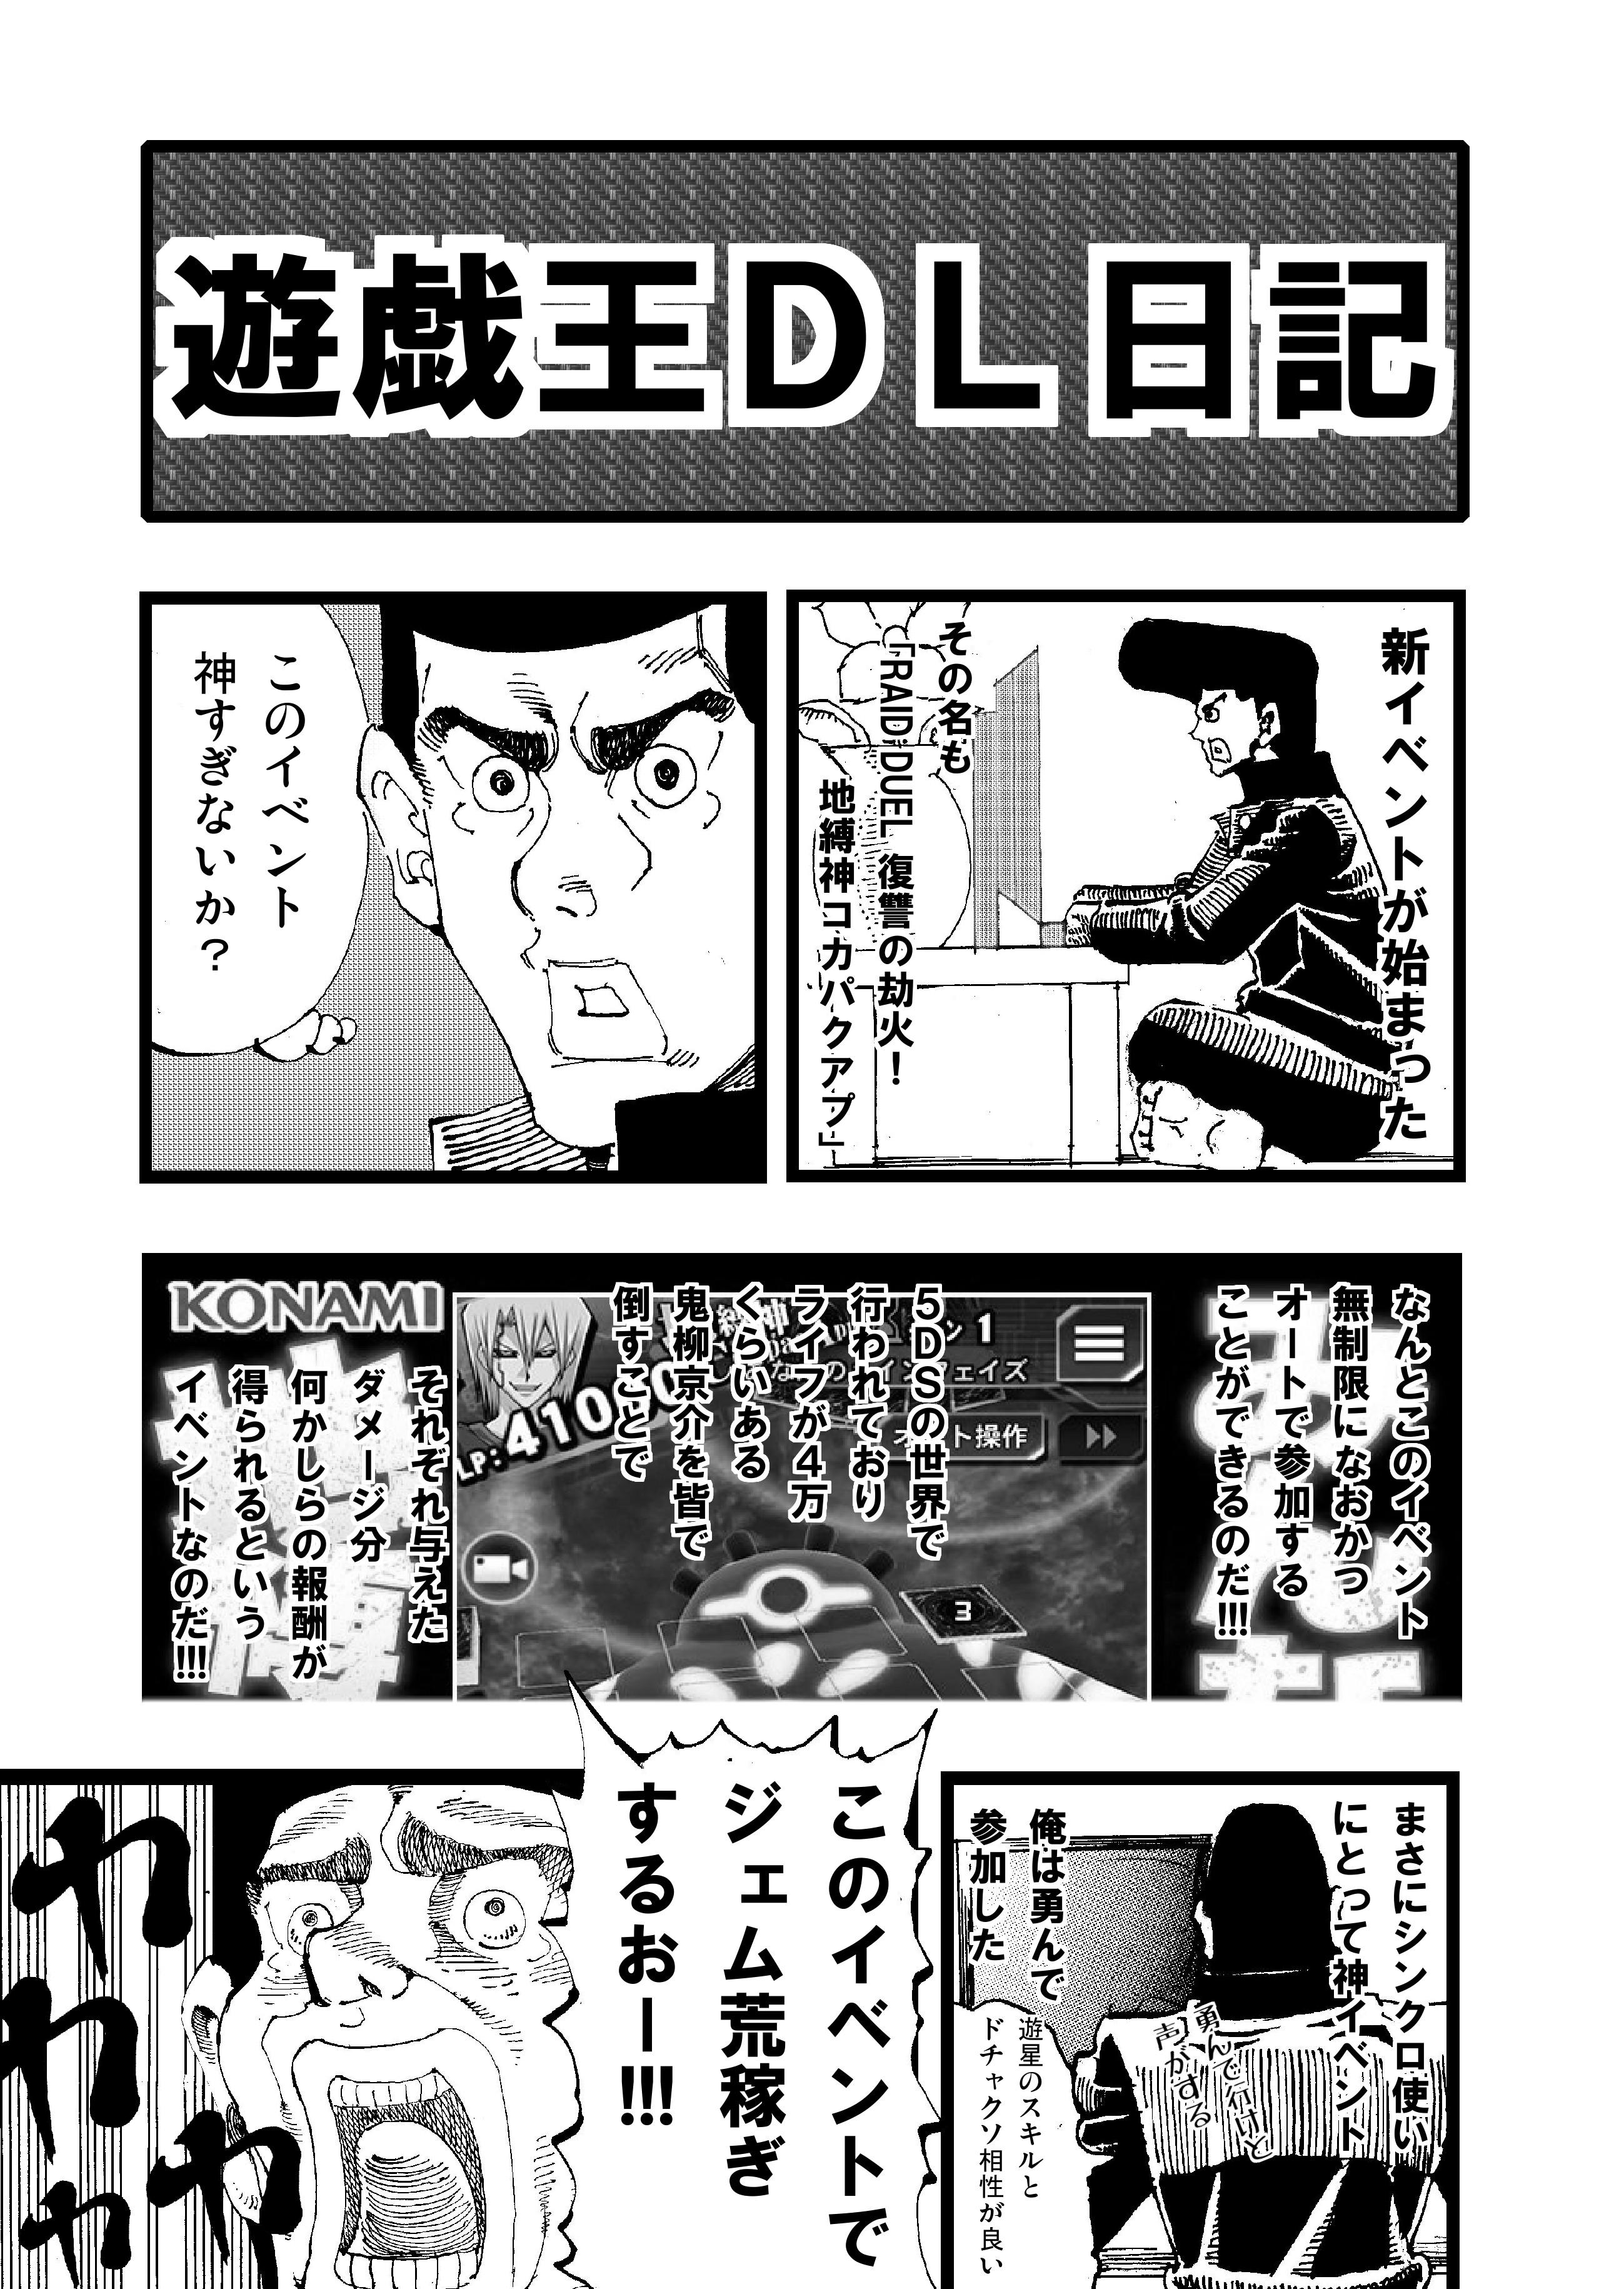 遊戯王デュエルリンクス日記17 蟹